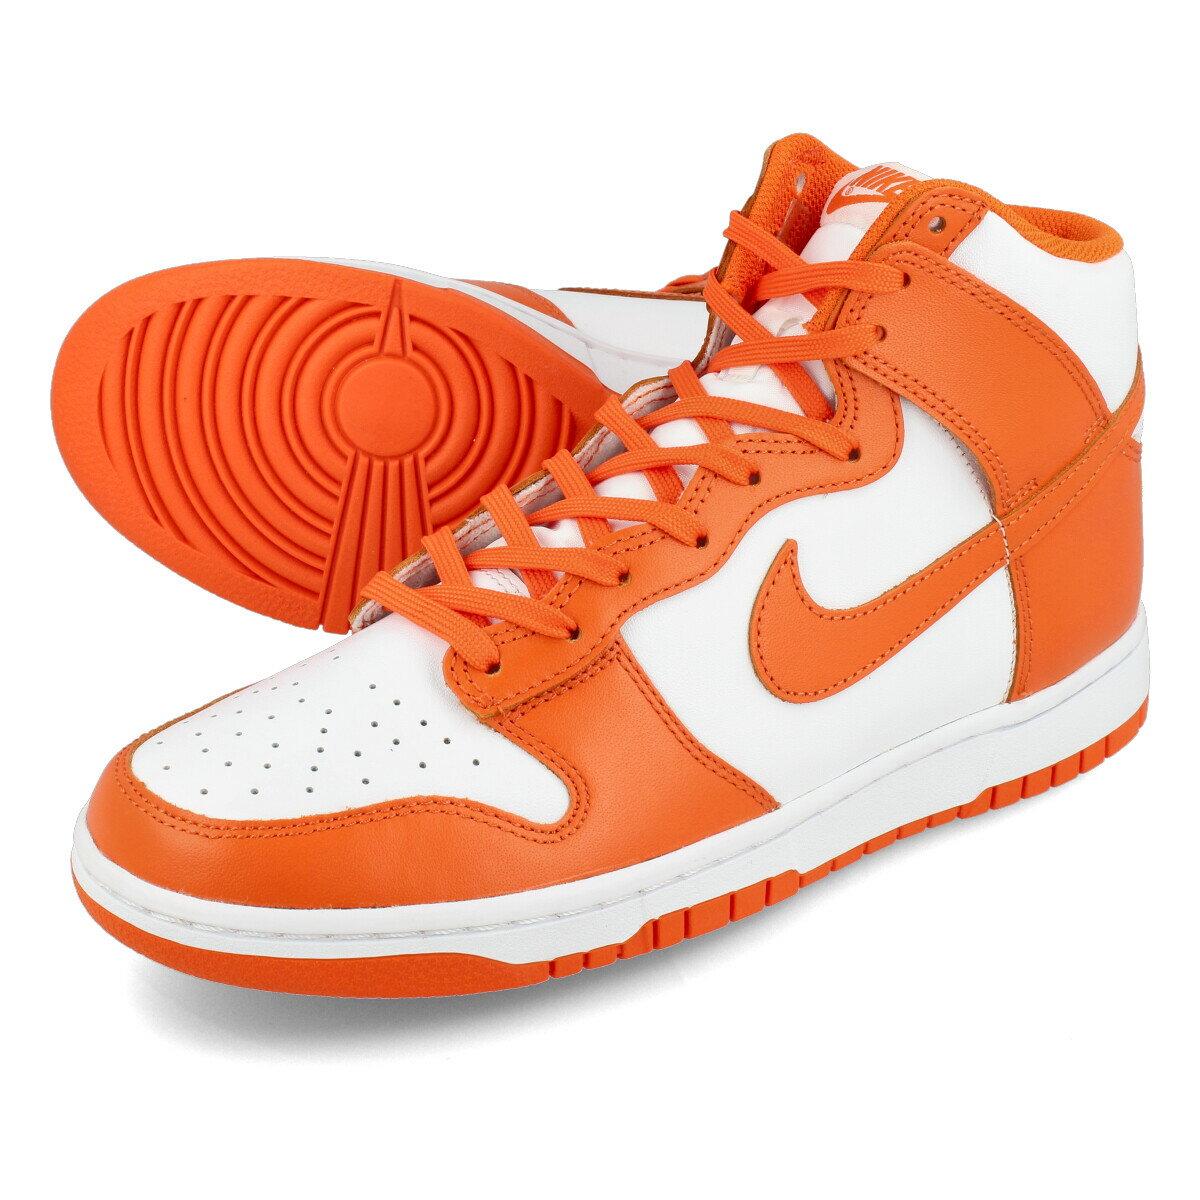 メンズ靴, スニーカー NIKE DUNK HIGH RETRO SYRACUSE WHITEORANGE BLAZE dd1399-101